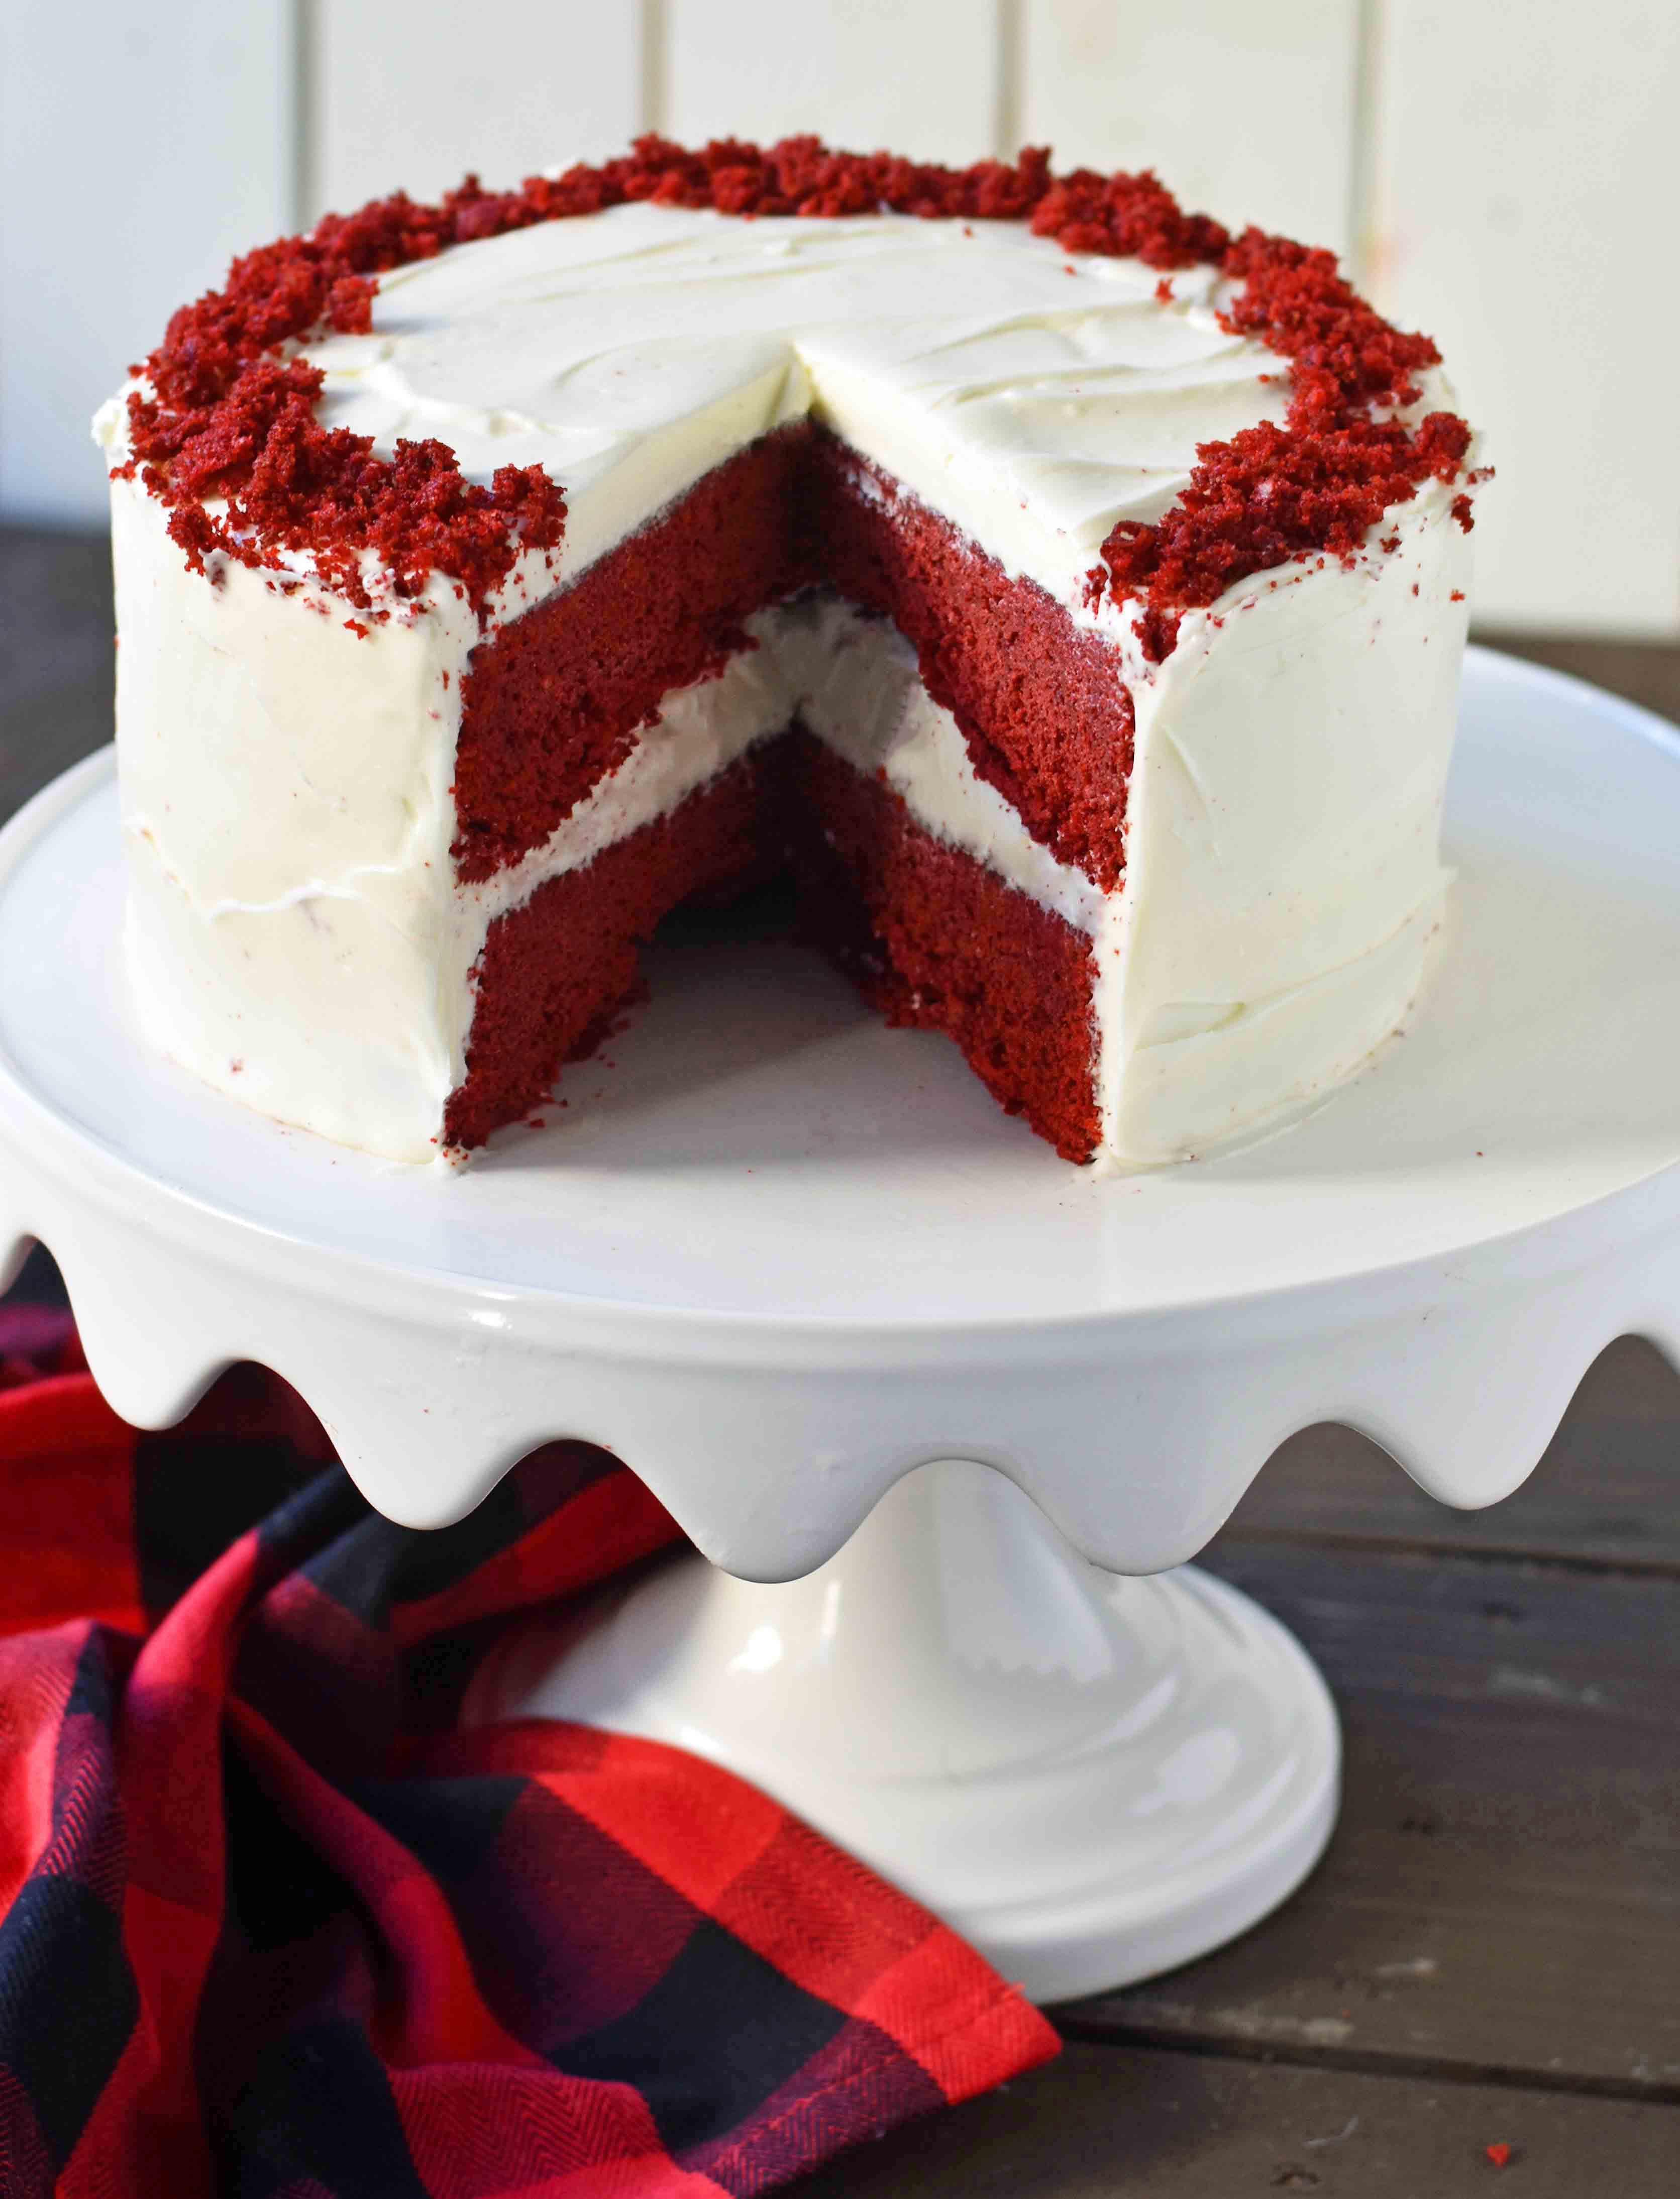 Cream Cheese Frosting For Red Velvet Cake  Red Velvet Cake